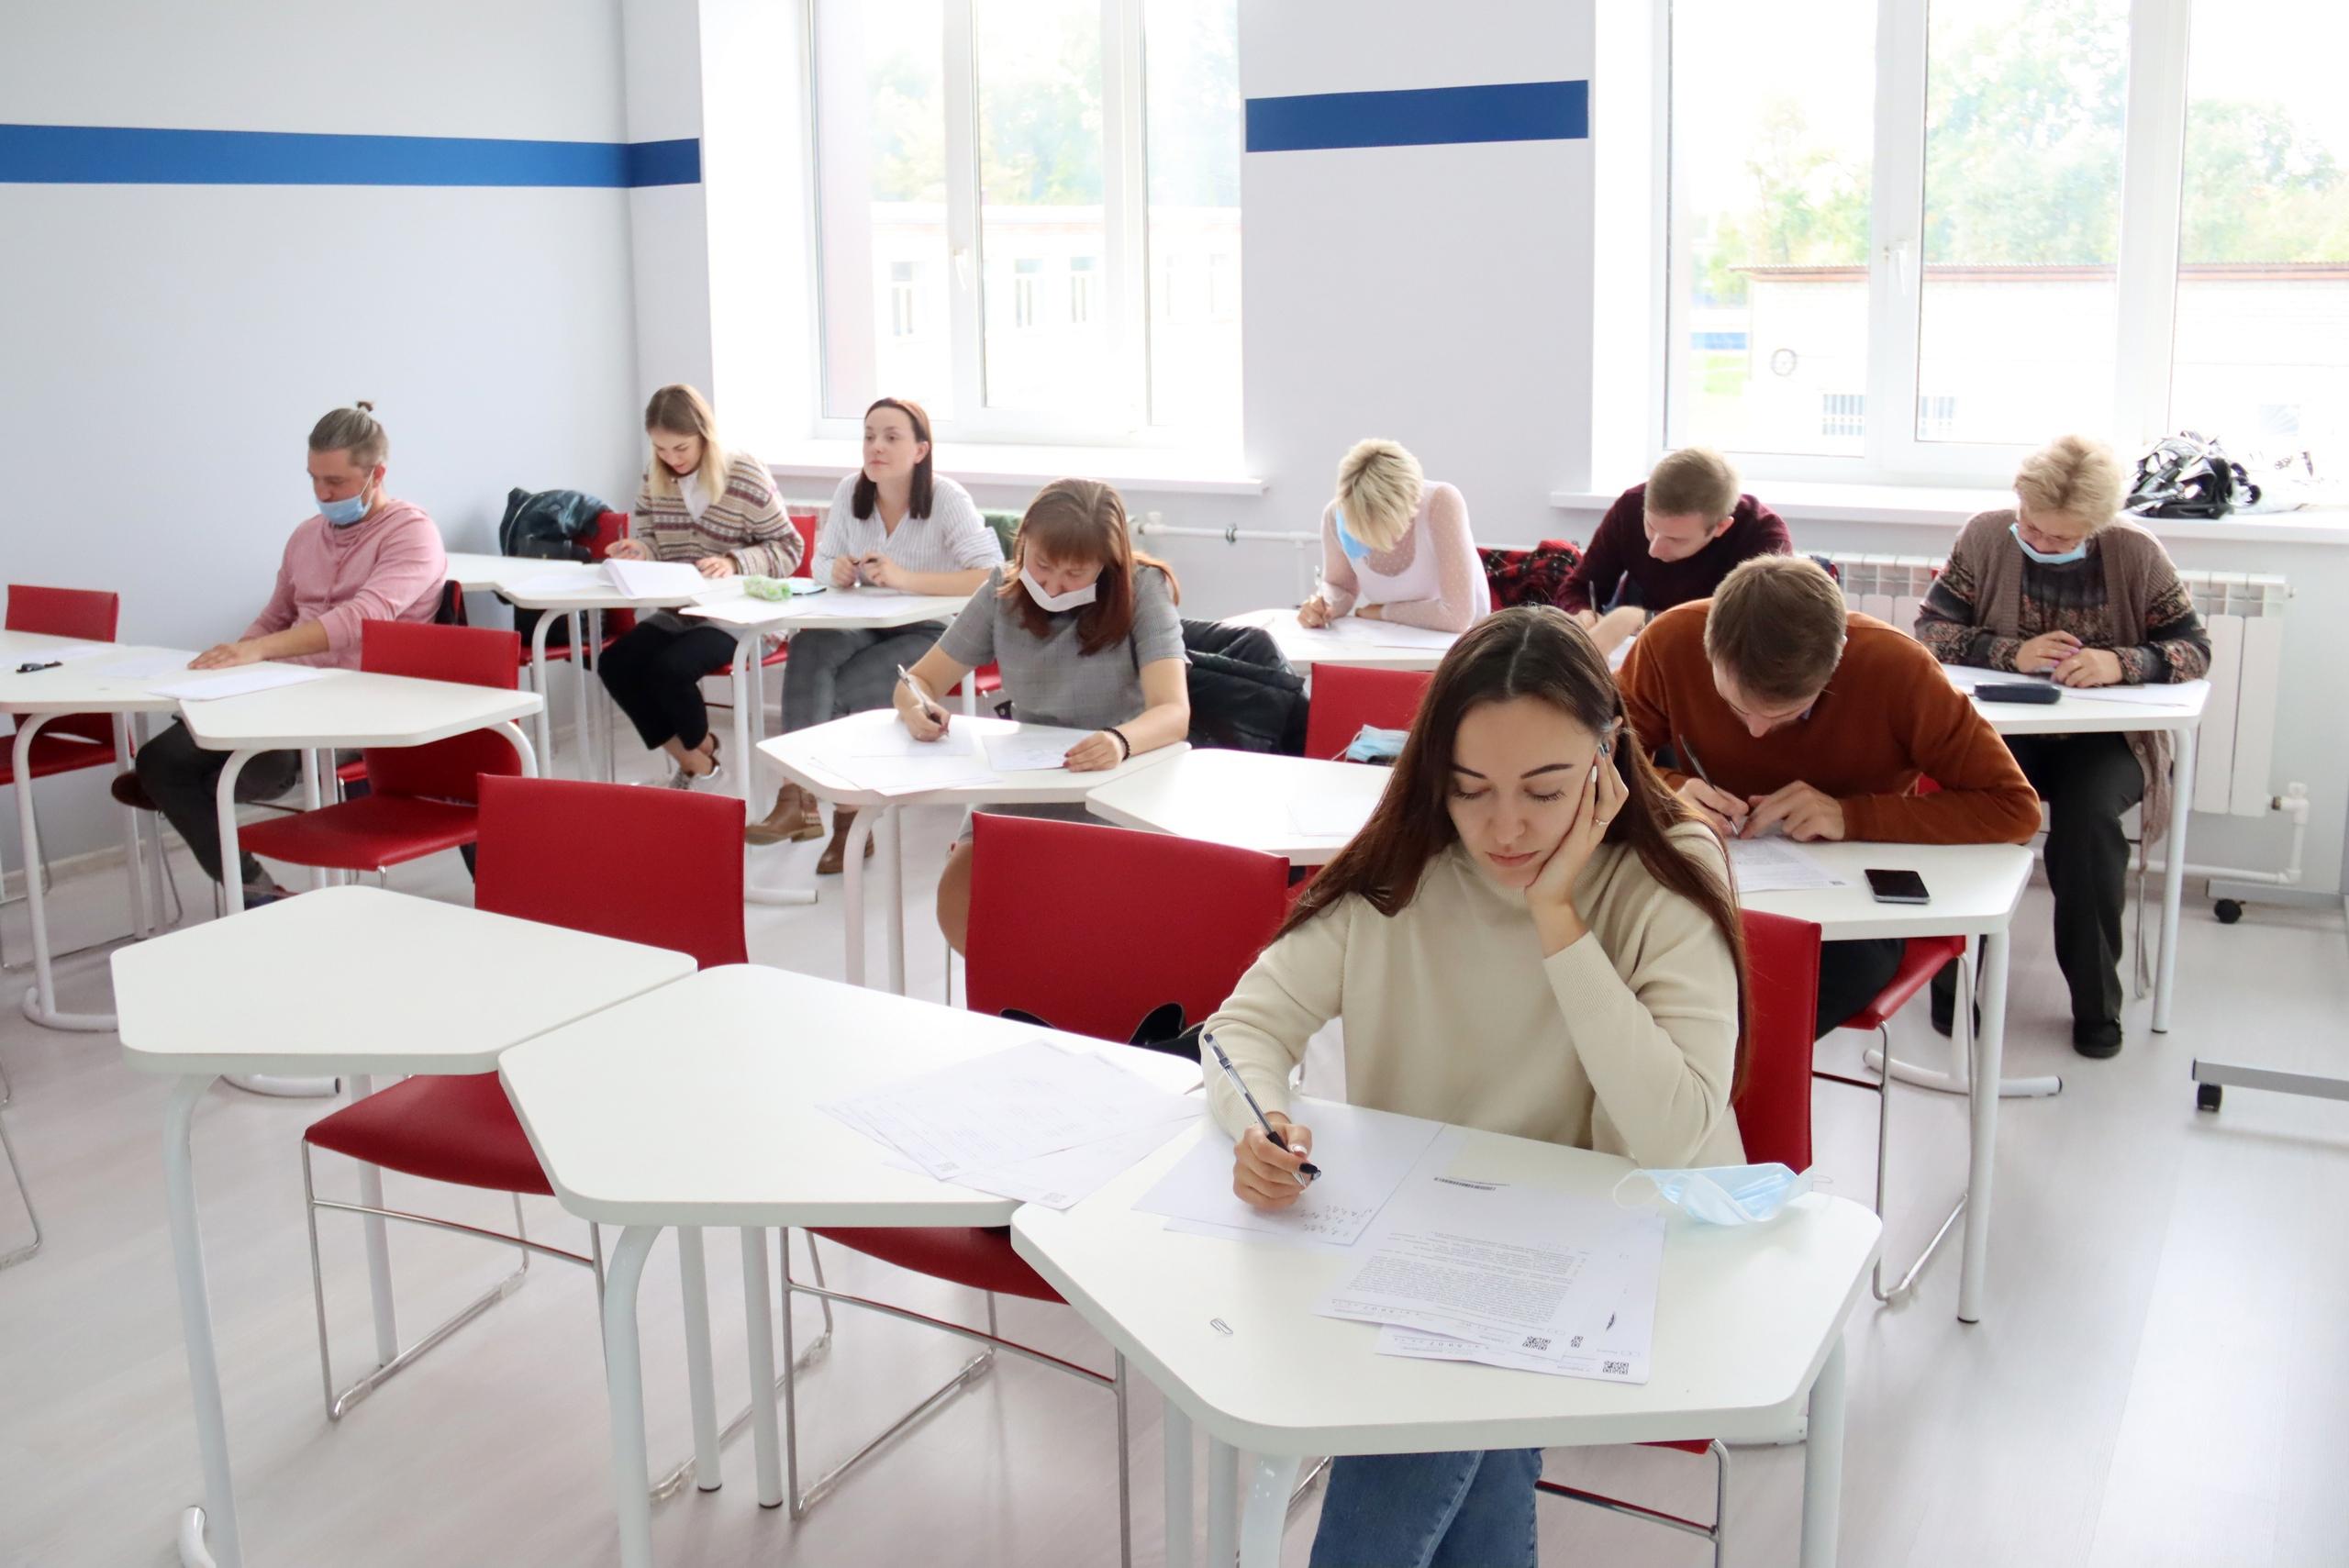 Экзамен пройден, ждем оценки